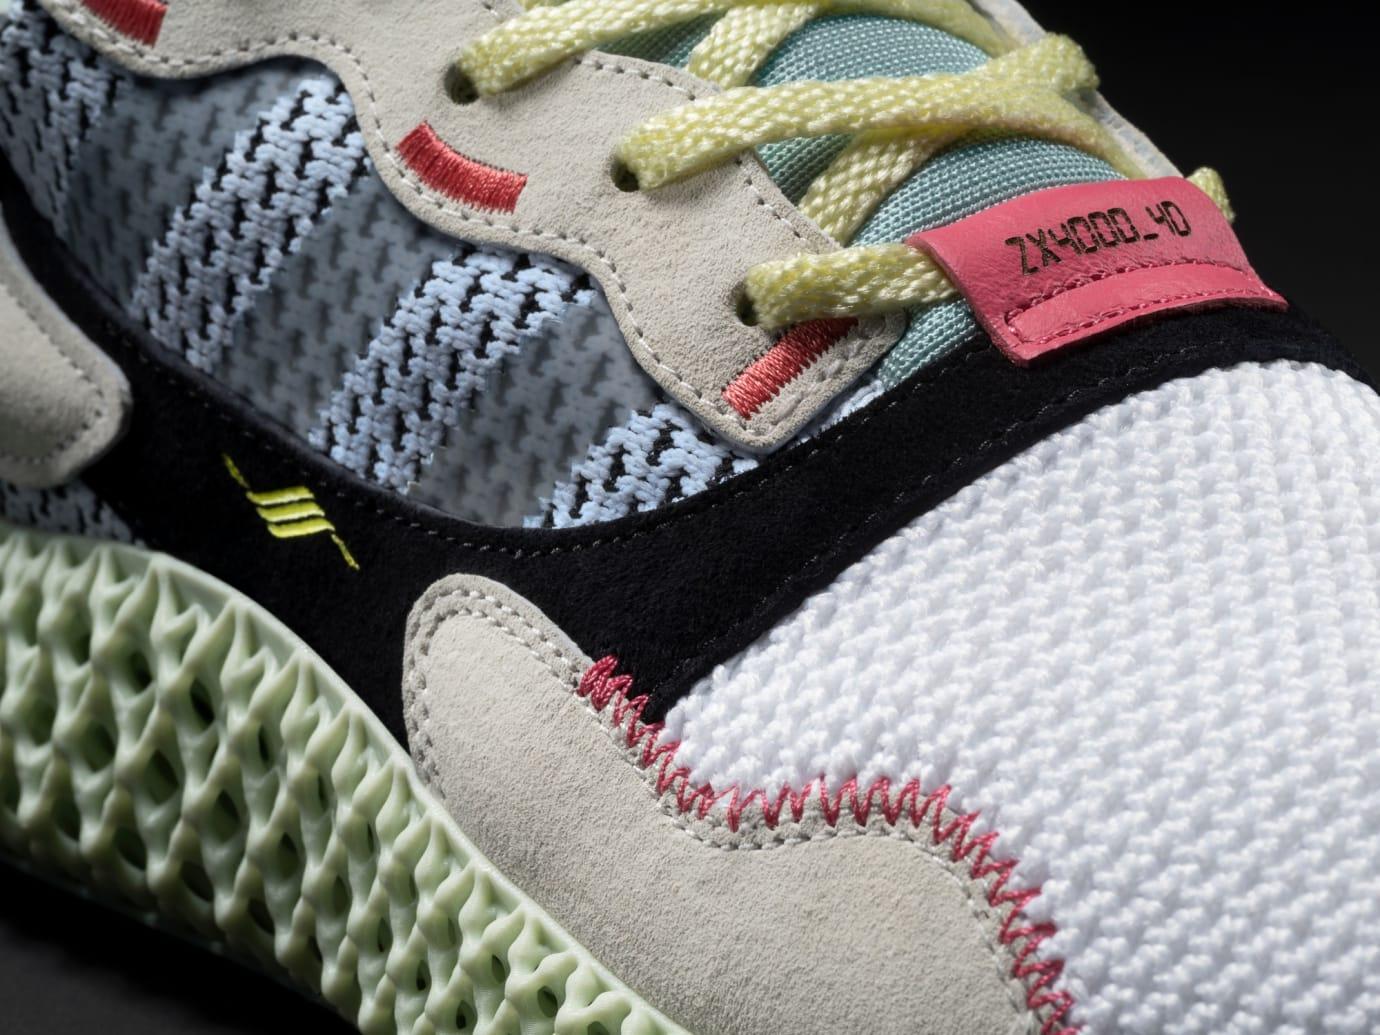 Adidas ZX 4000 4D B42203 (Detail)